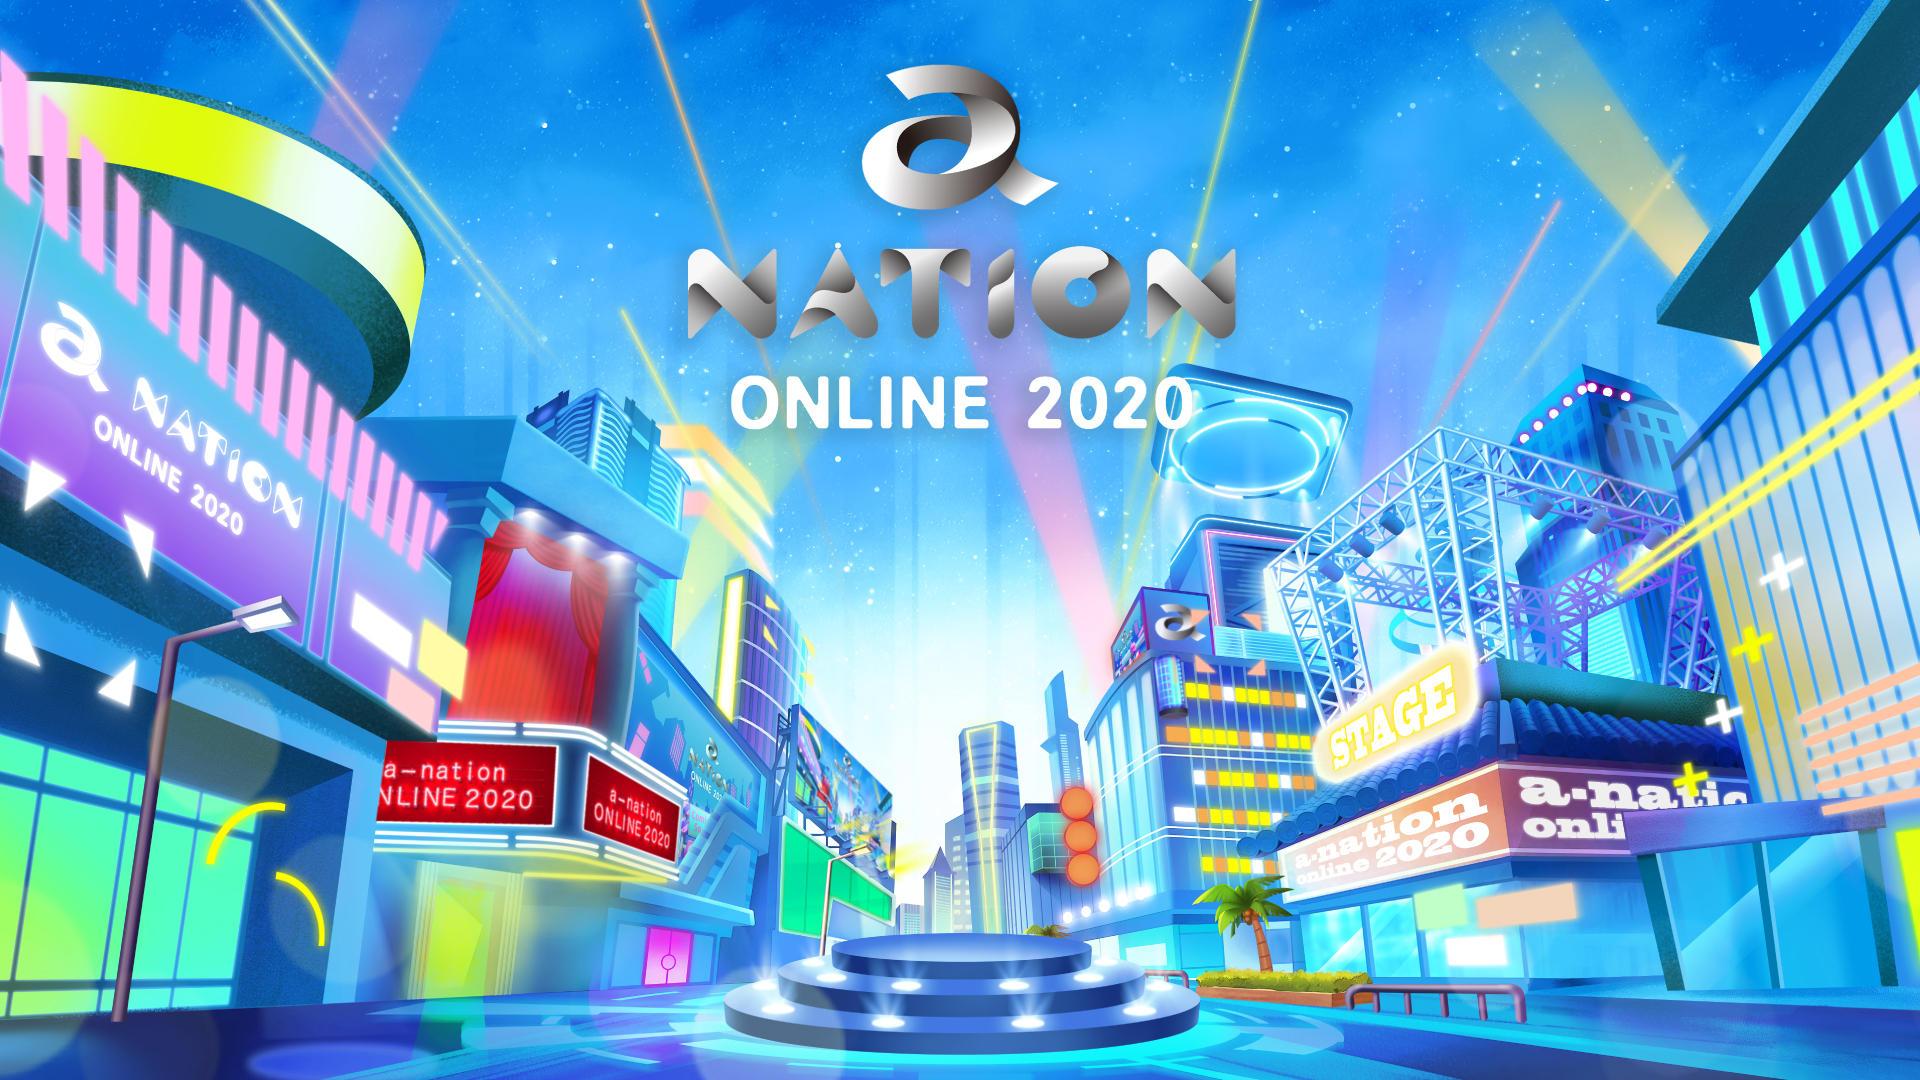 a-nation_online_2020_KV_0722.jpg